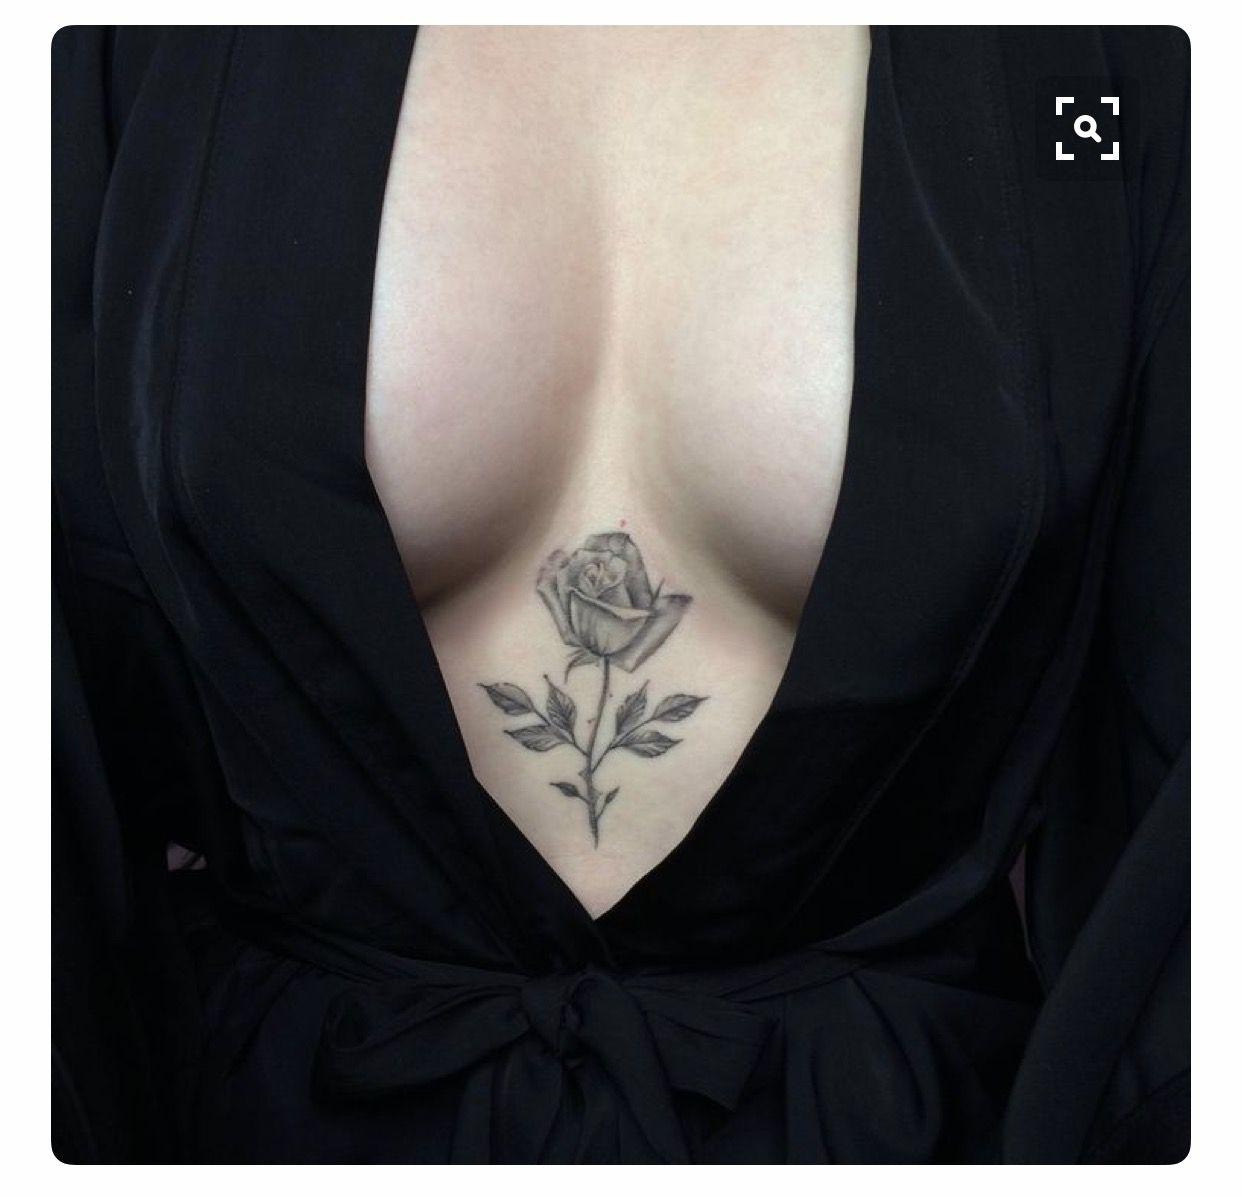 Liaus tattoo tattoo ideas pinterest tattoo female tattoos and